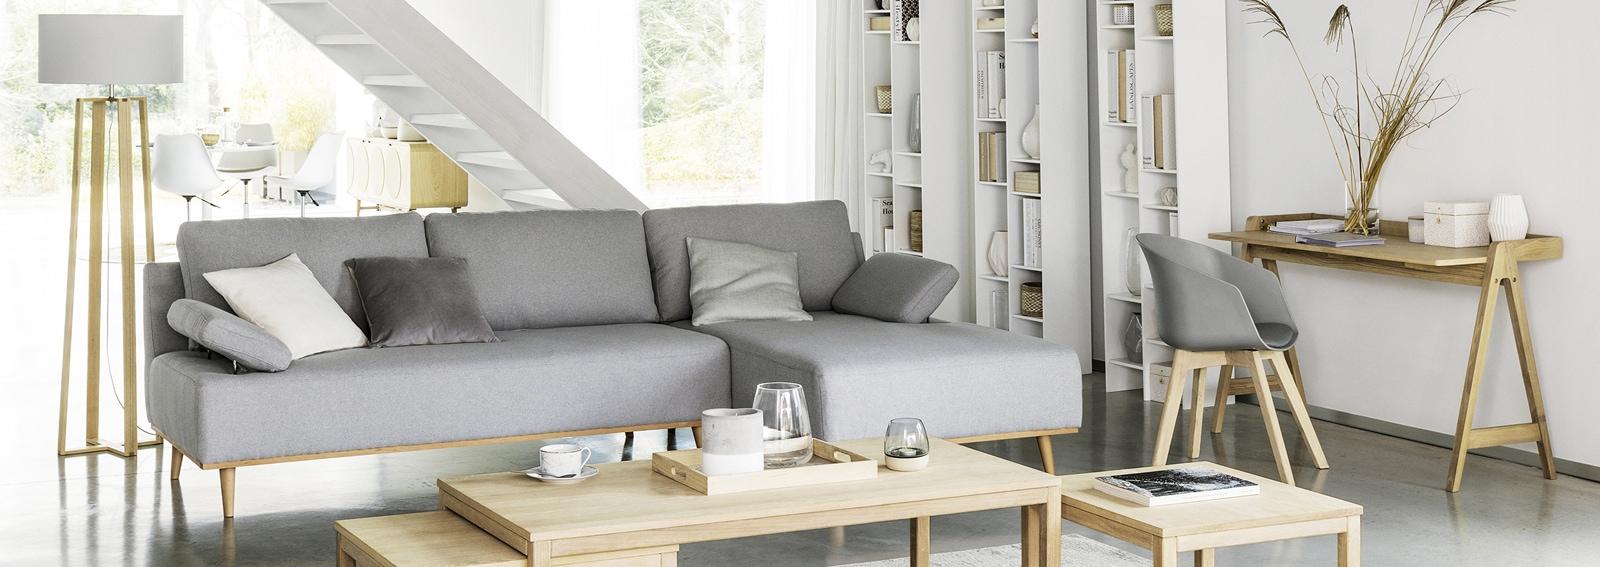 8 idee per arredare la casa con il grigio for Mille idee per arredare la casa